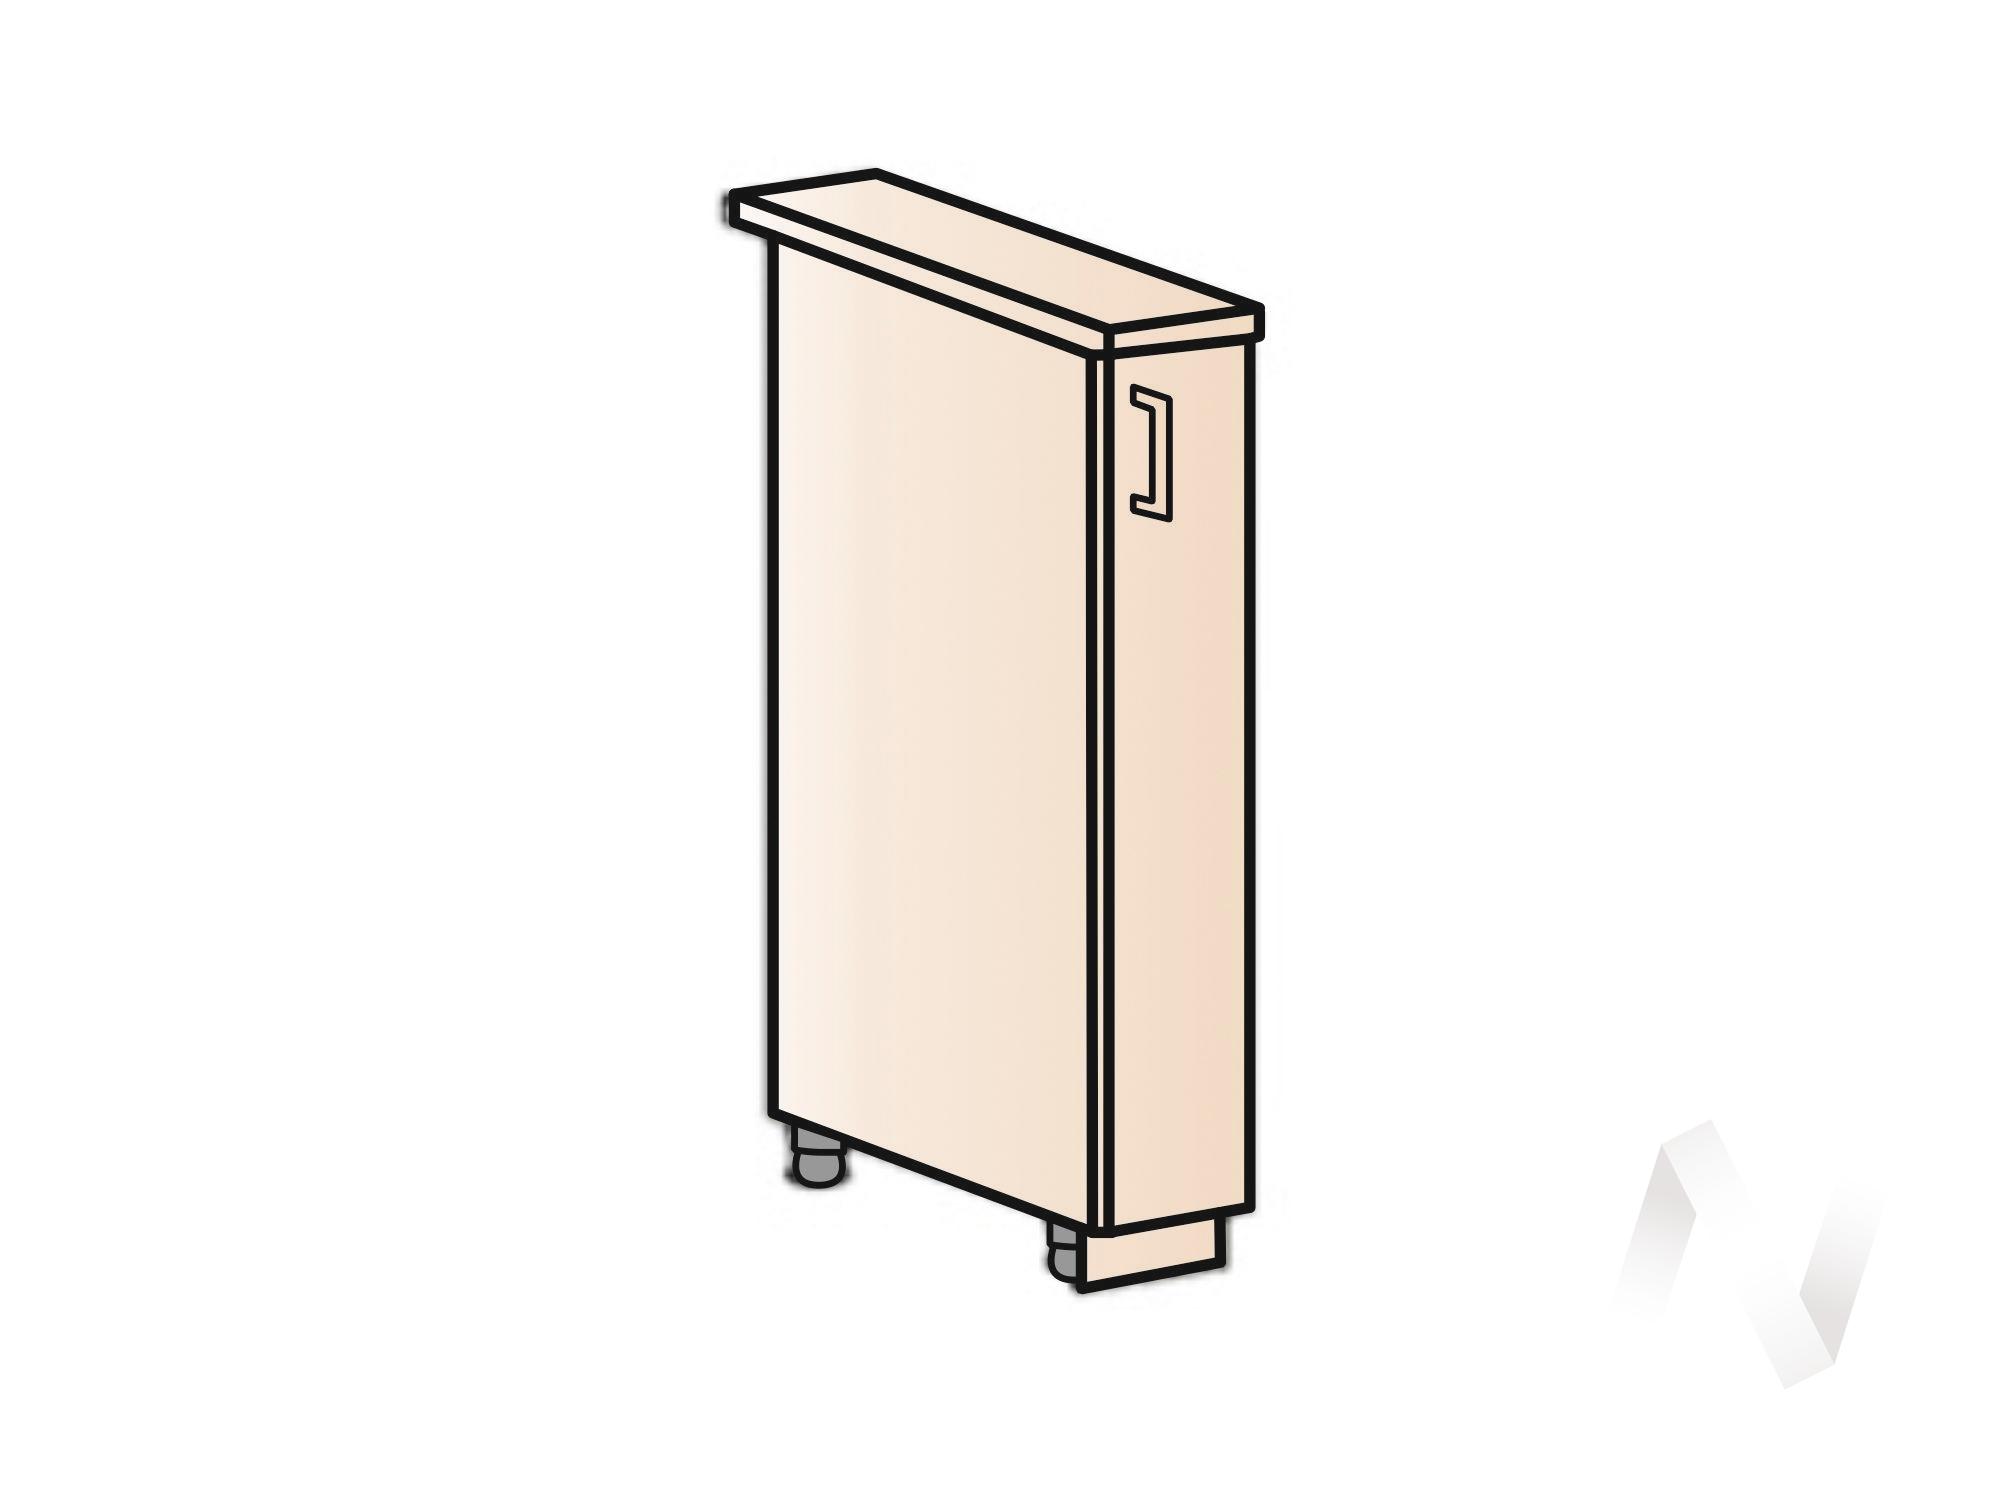 """Кухня """"Люкс"""": Шкаф нижний бутылочница 150, ШНБ 150 (Шоколад матовый/корпус белый) в Томске — авторская мебель Экостиль"""